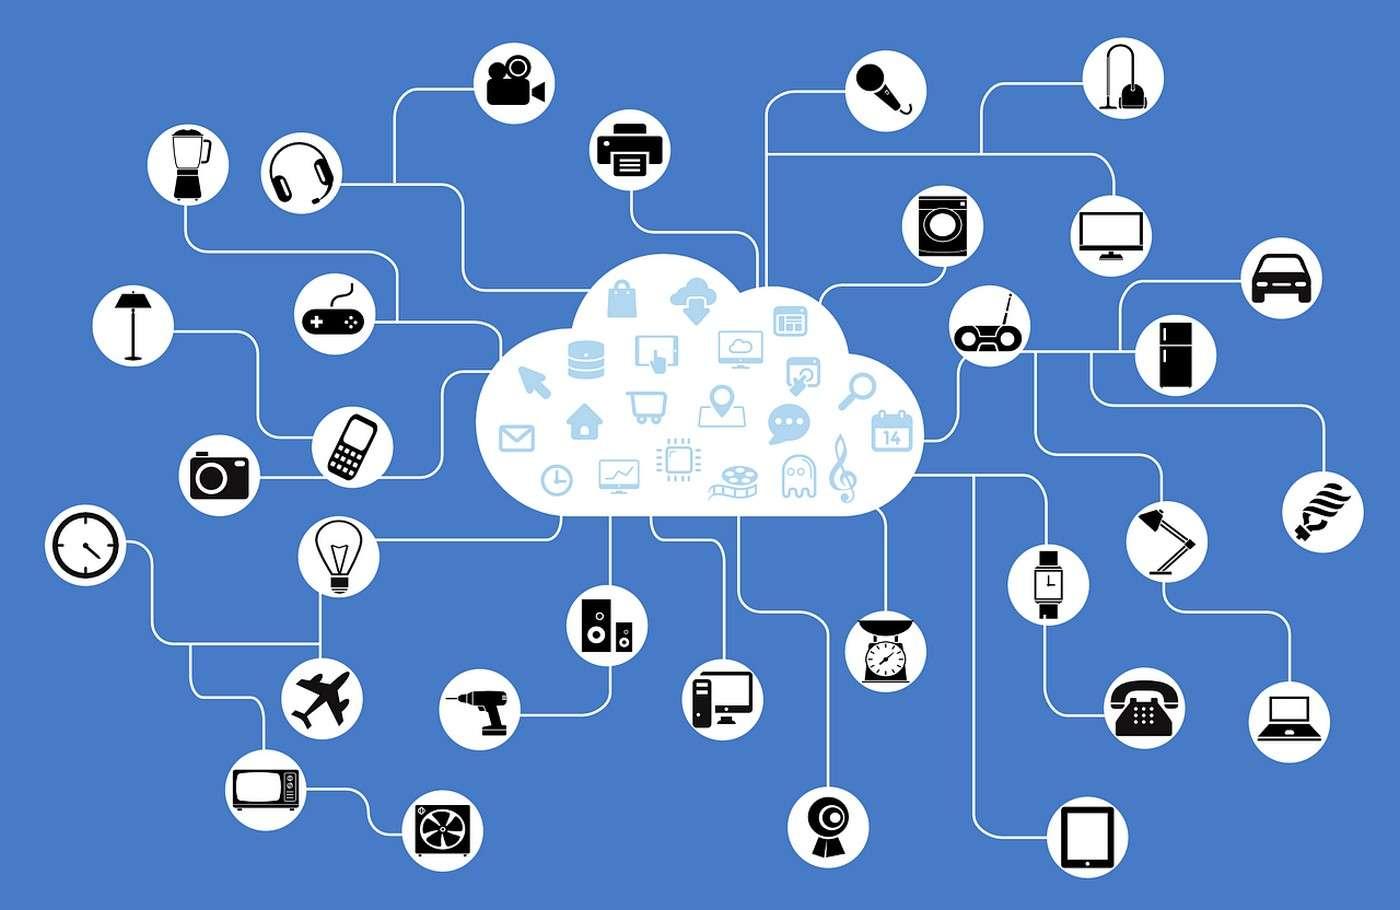 L'Internet des objets regroupe tous les objets physiques communicants dotés d'une identité numérique unique. © DP, via Pixabay